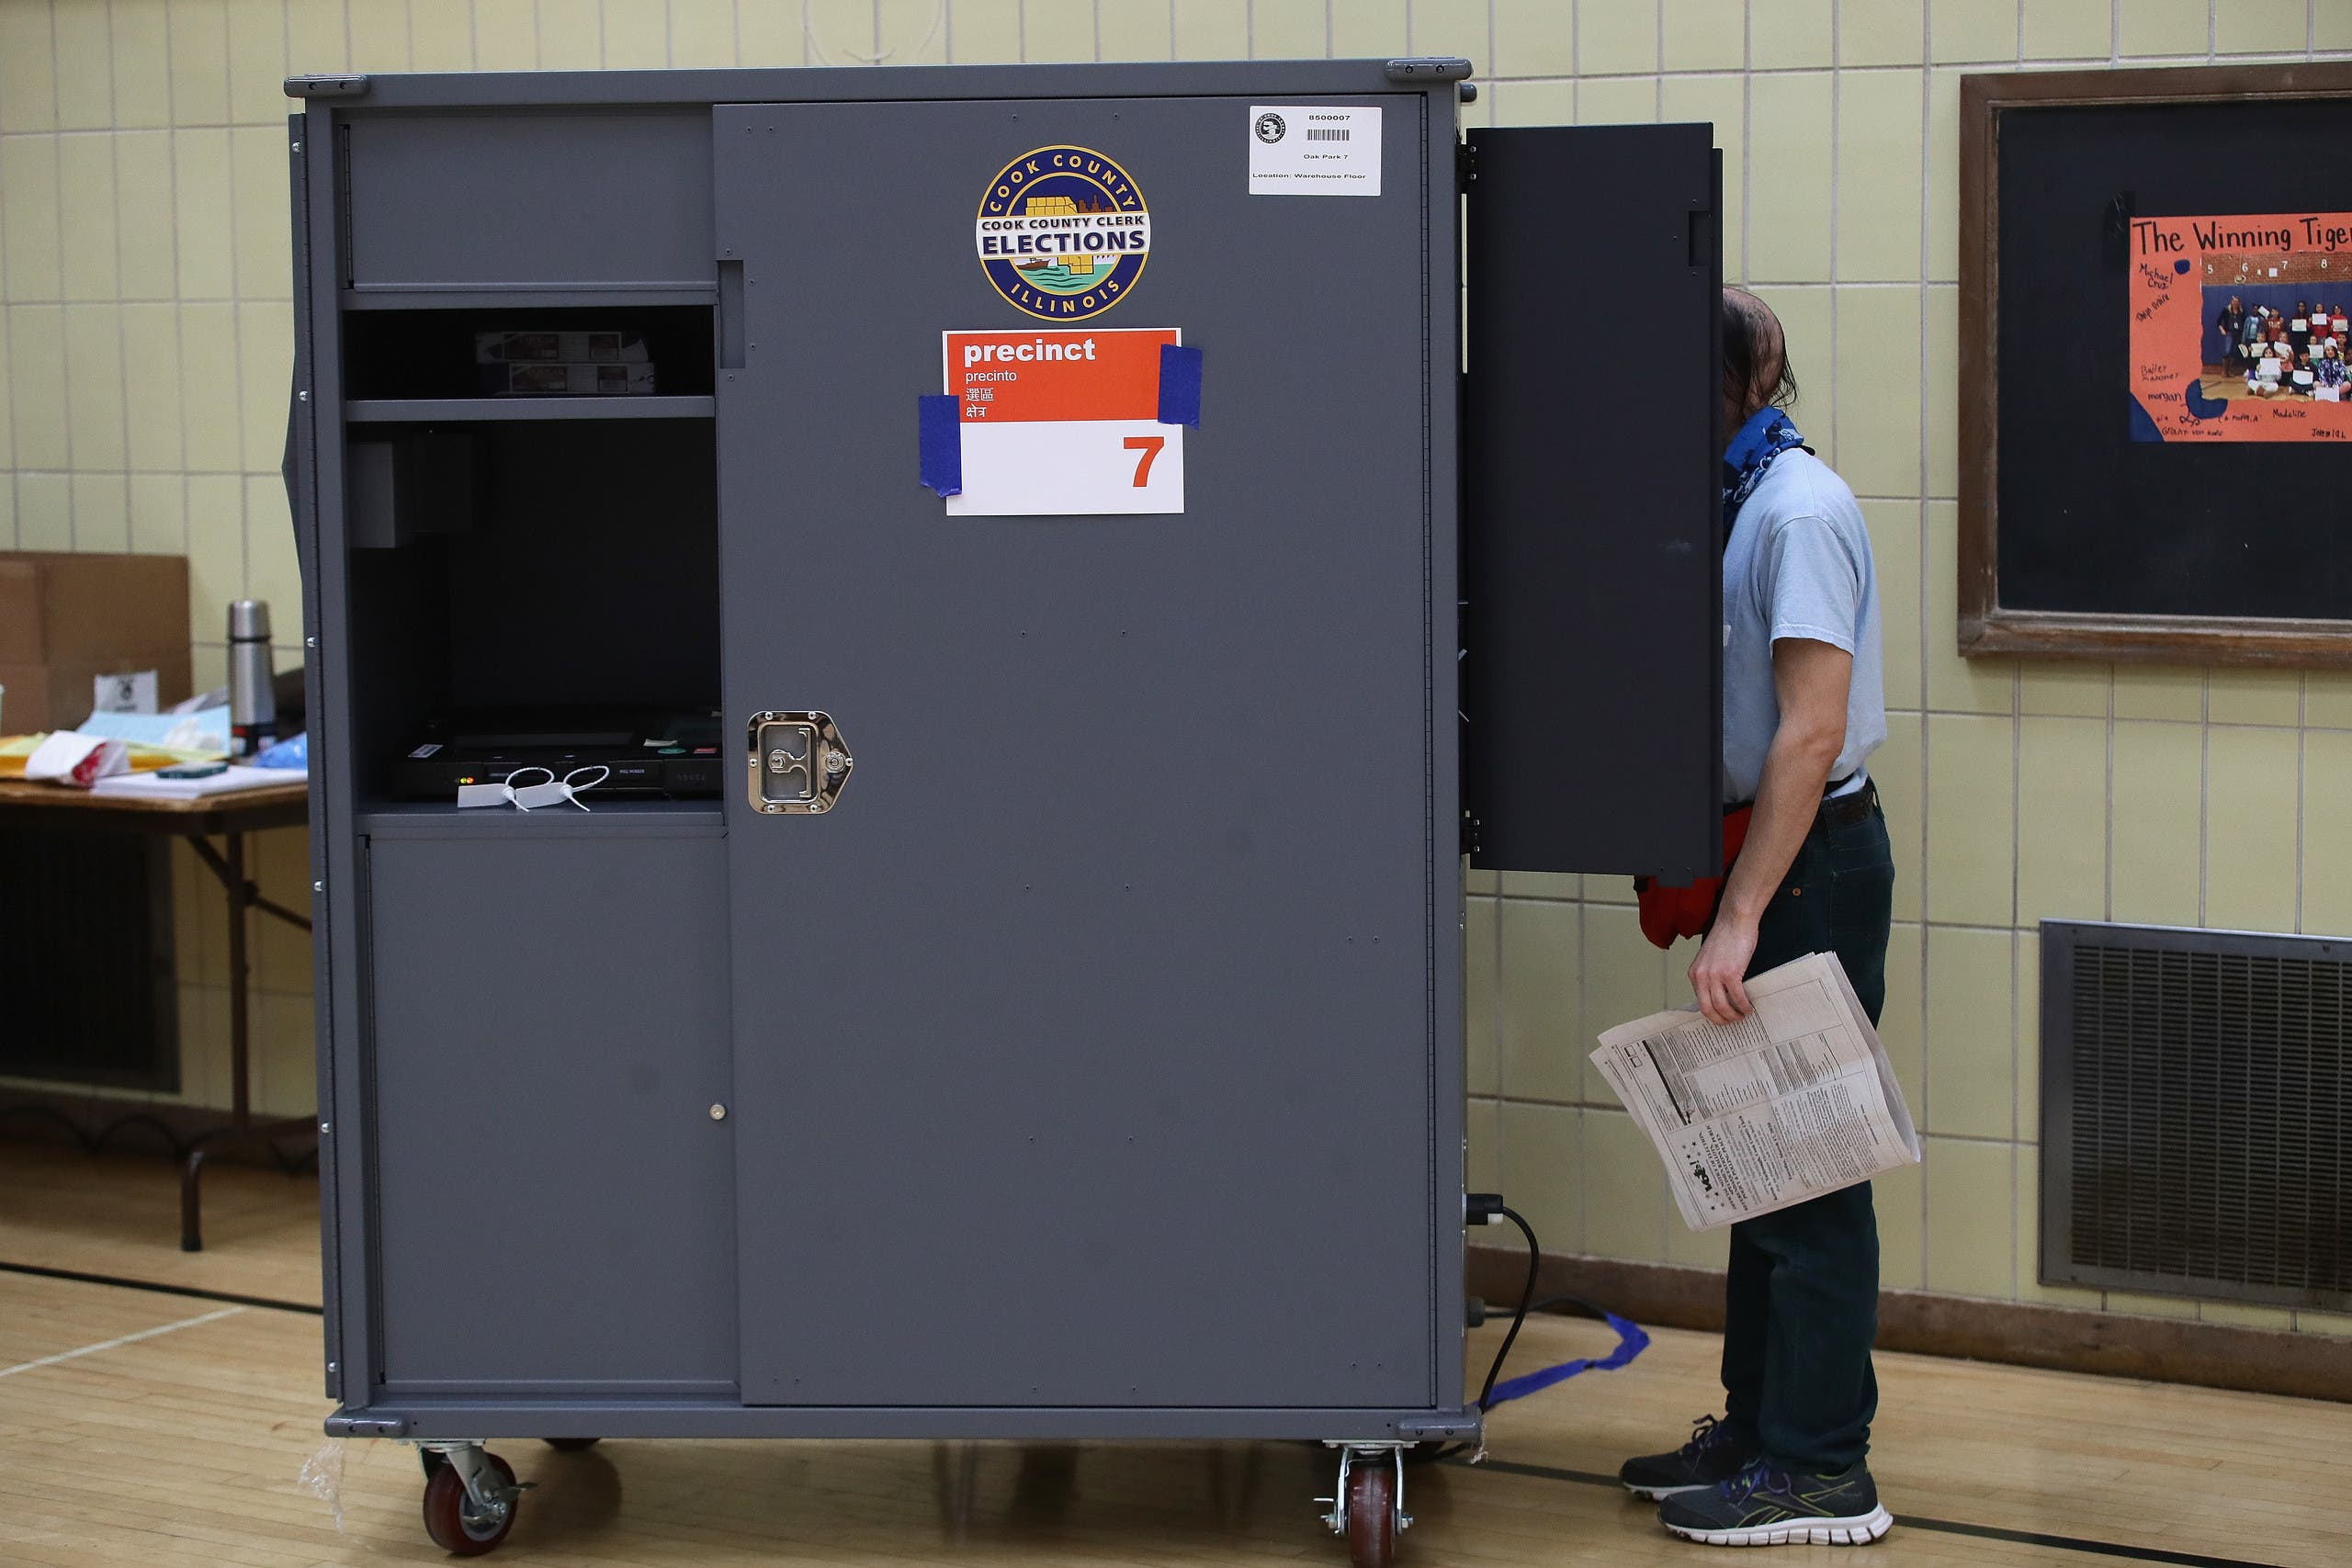 انتخابات إلينوا التمهيدية (فرانس برس)